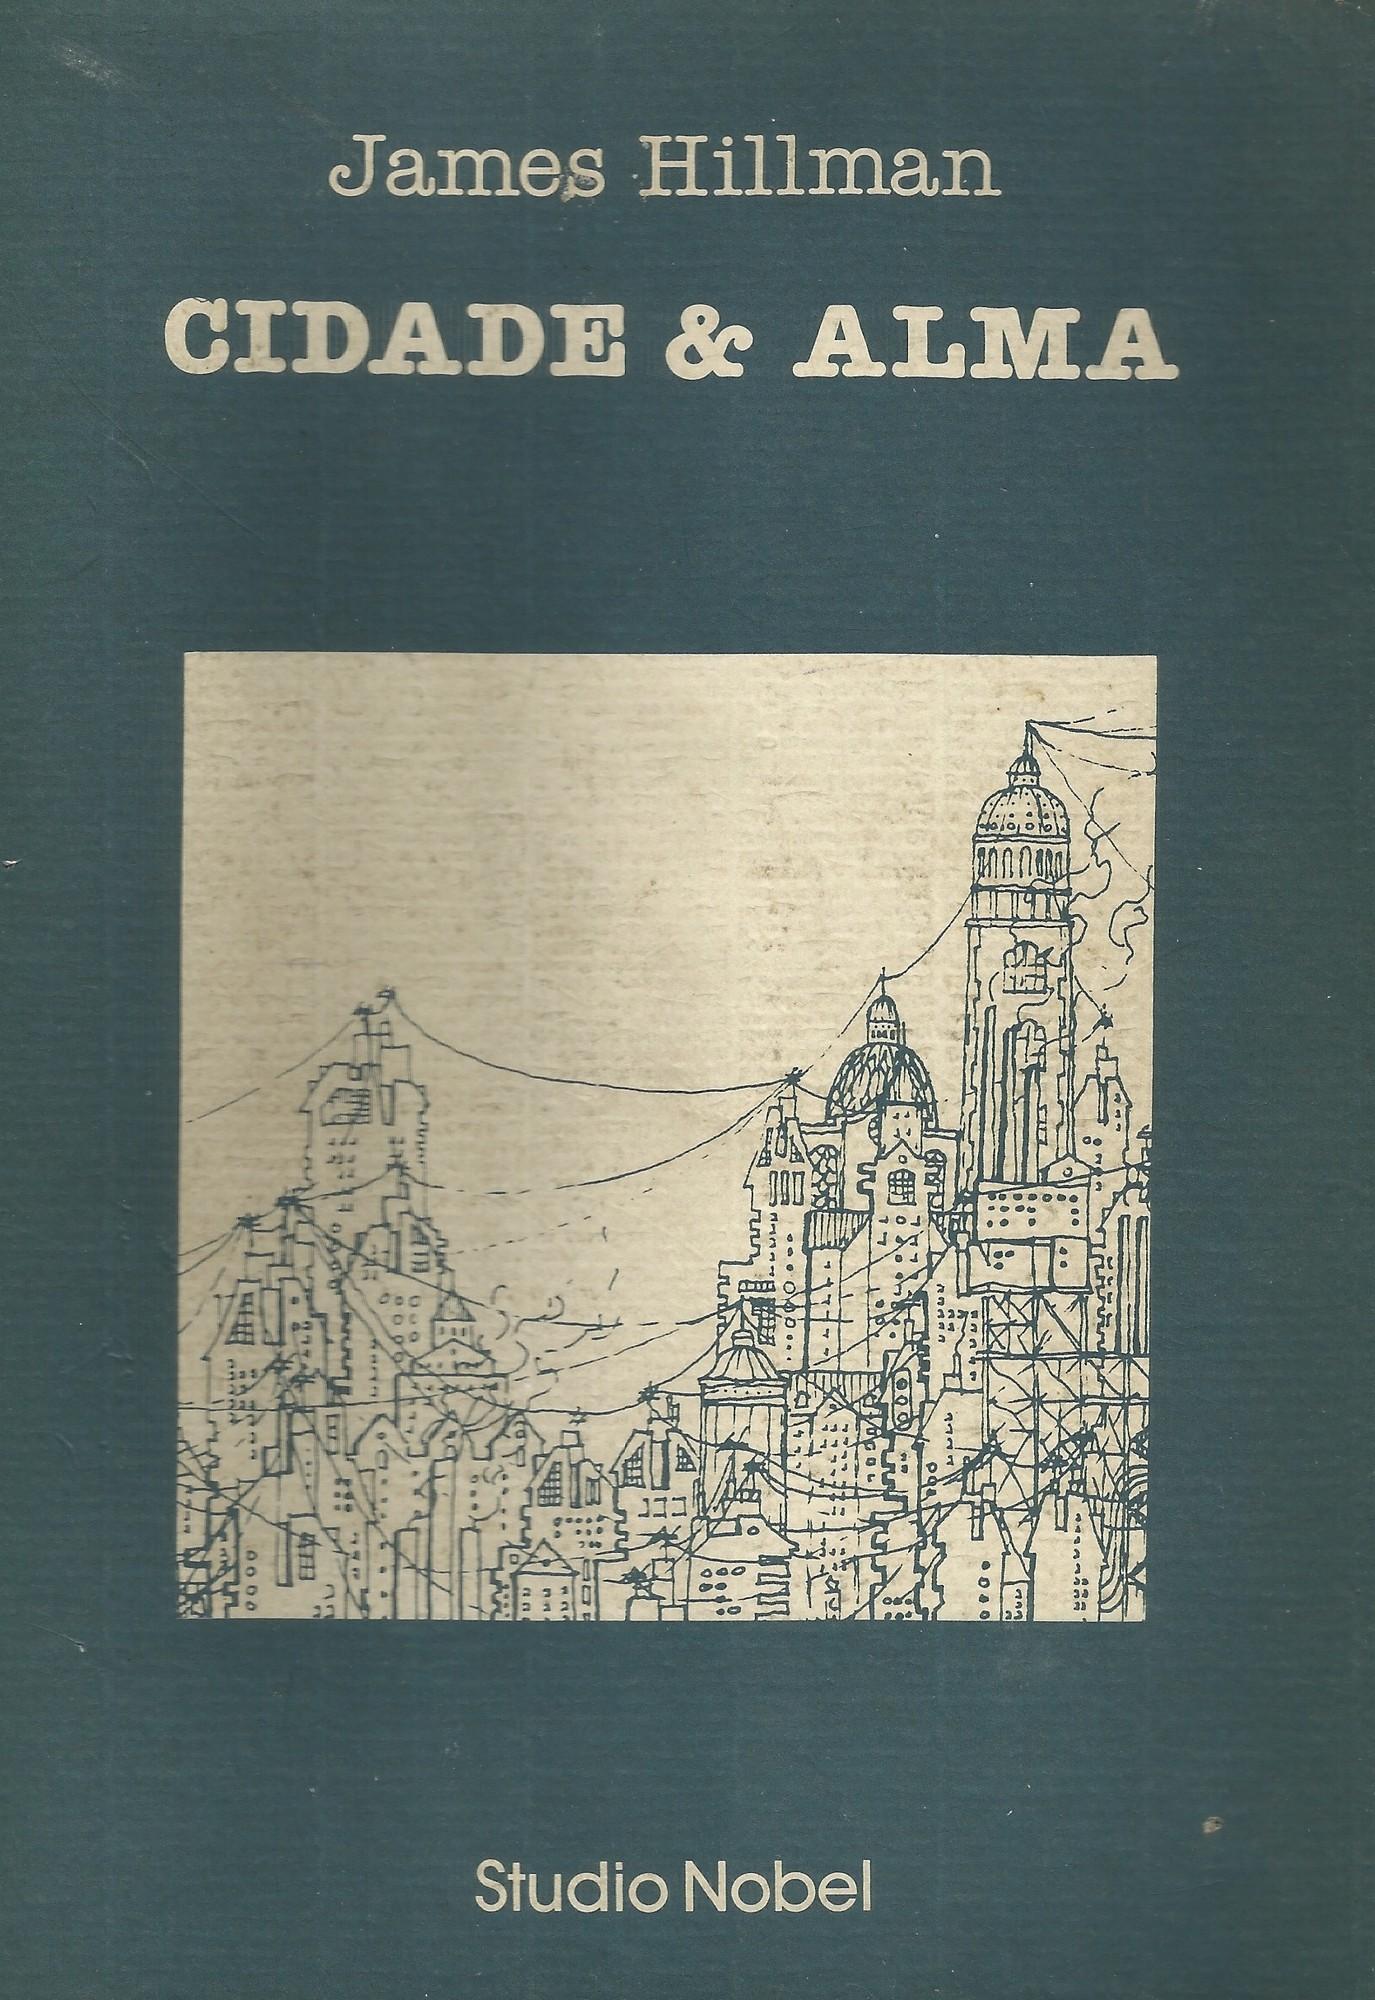 Cidade & Alma